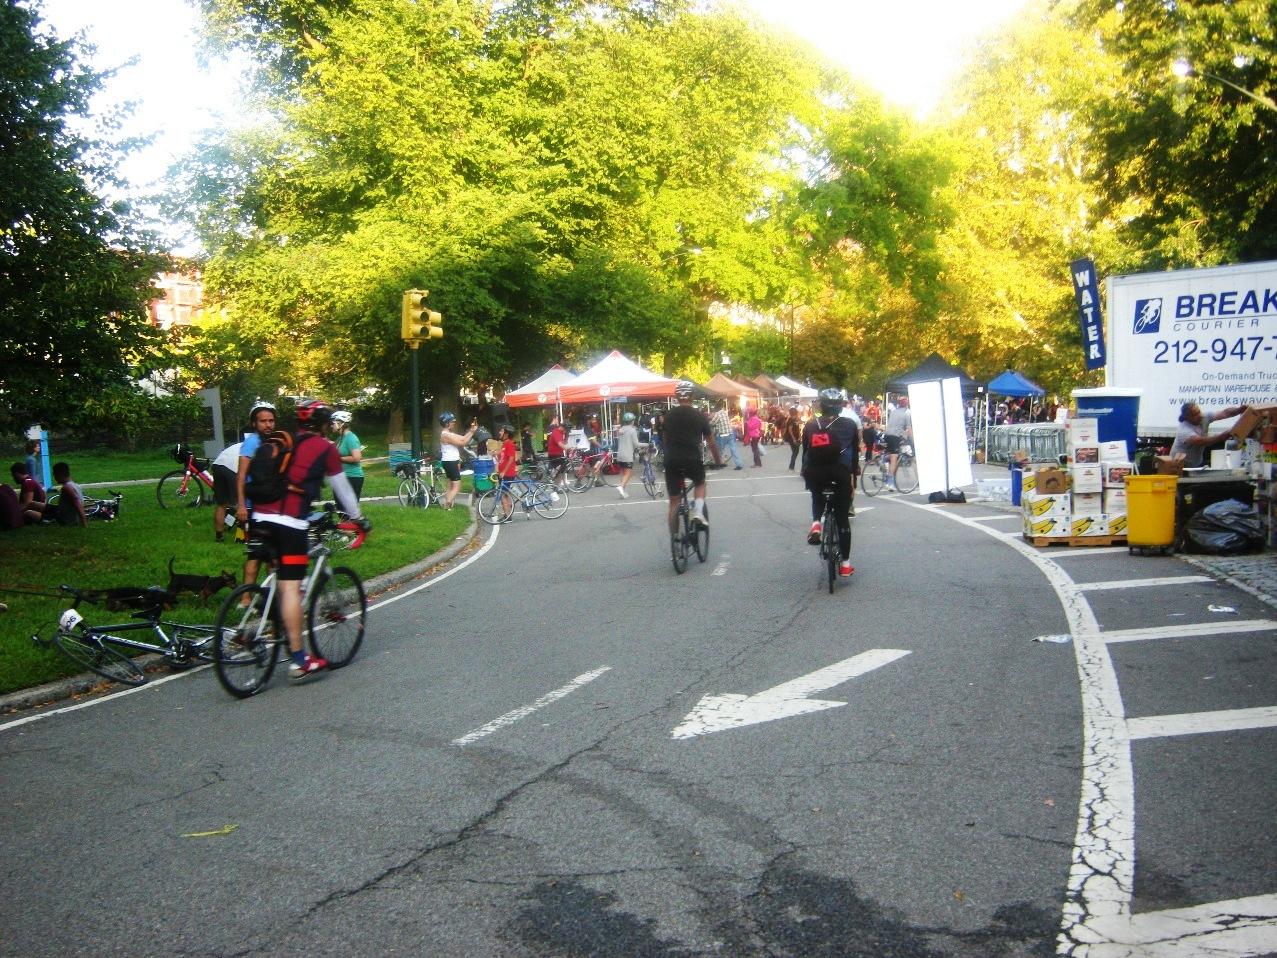 セントラルパーク北端のゴール地点。160キロを走ったサイクリストたちが次々入ってくる。